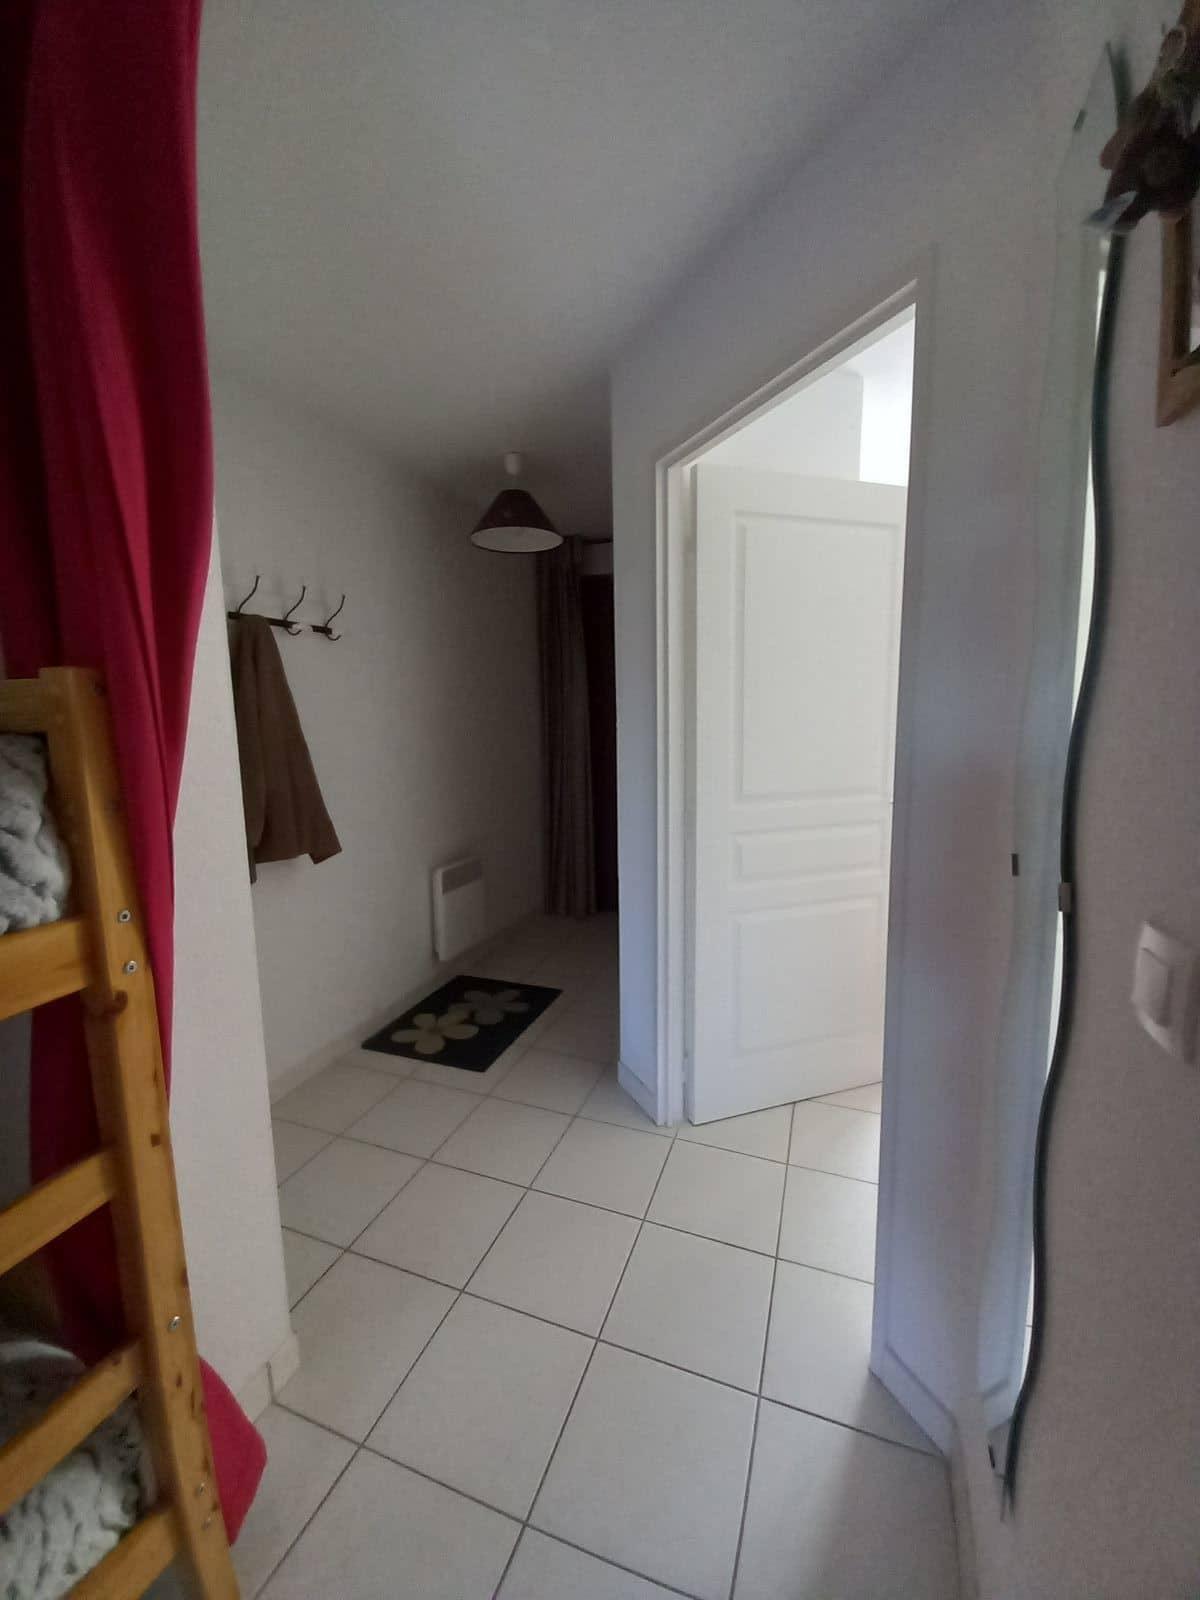 20210705 112512 - SAINT-LEGER-LES-MELEZES T2 DE 42 m² (4 COUCHAGES) AVEC JARDIN